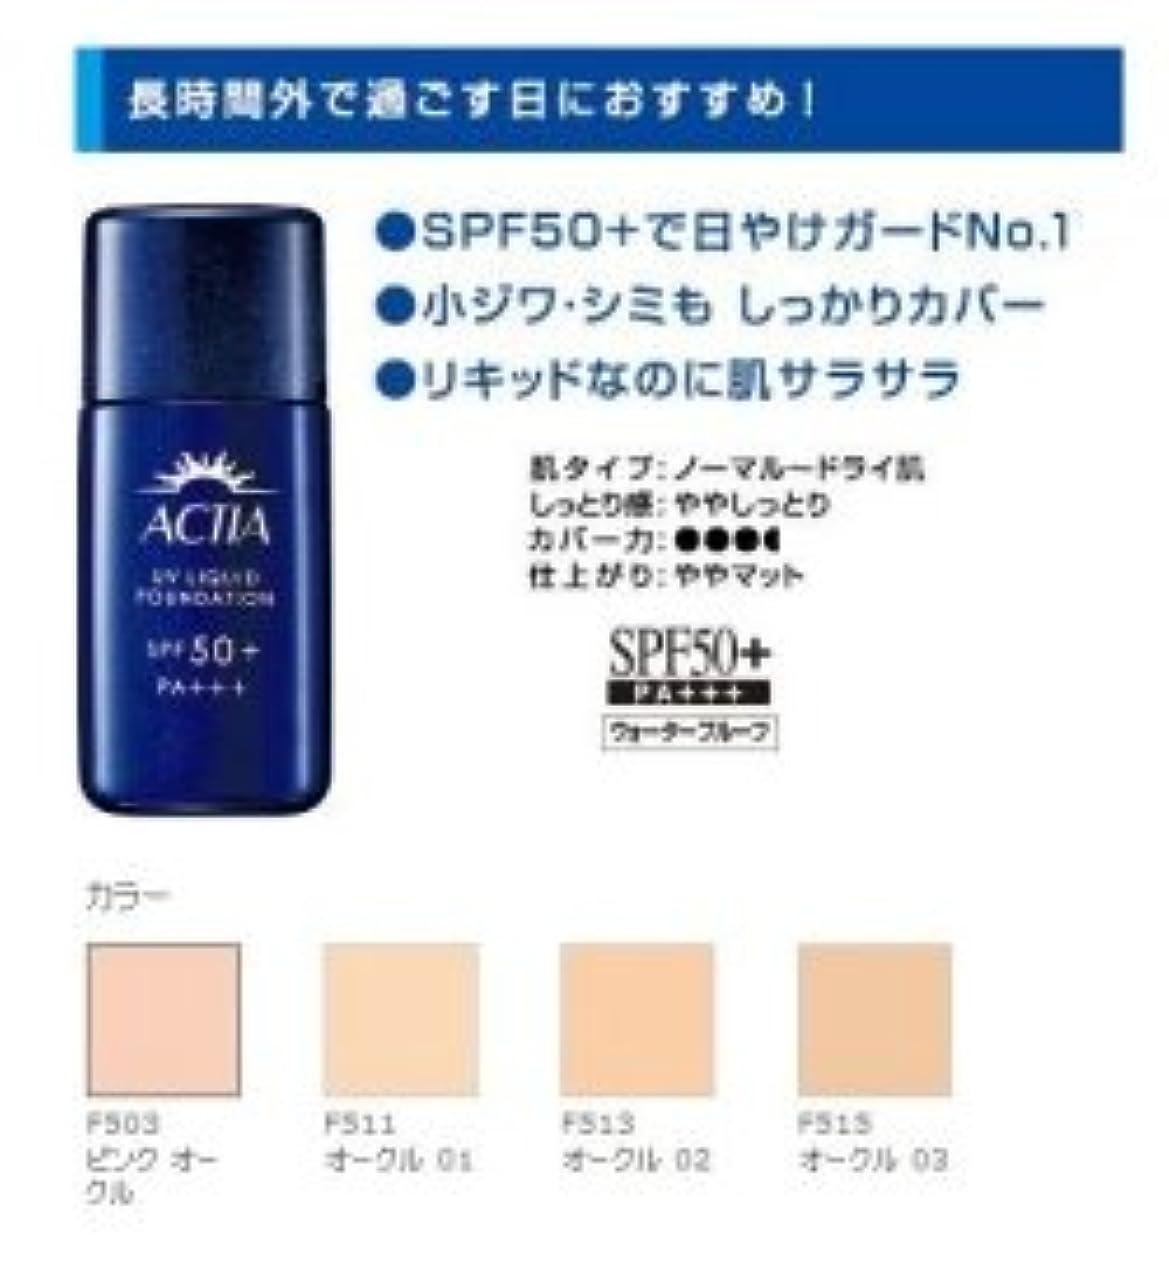 減らすトリム強調するAVON エイボン アクティア UV リキッド ファンデーションEX 30ml F503 ピンクオークル